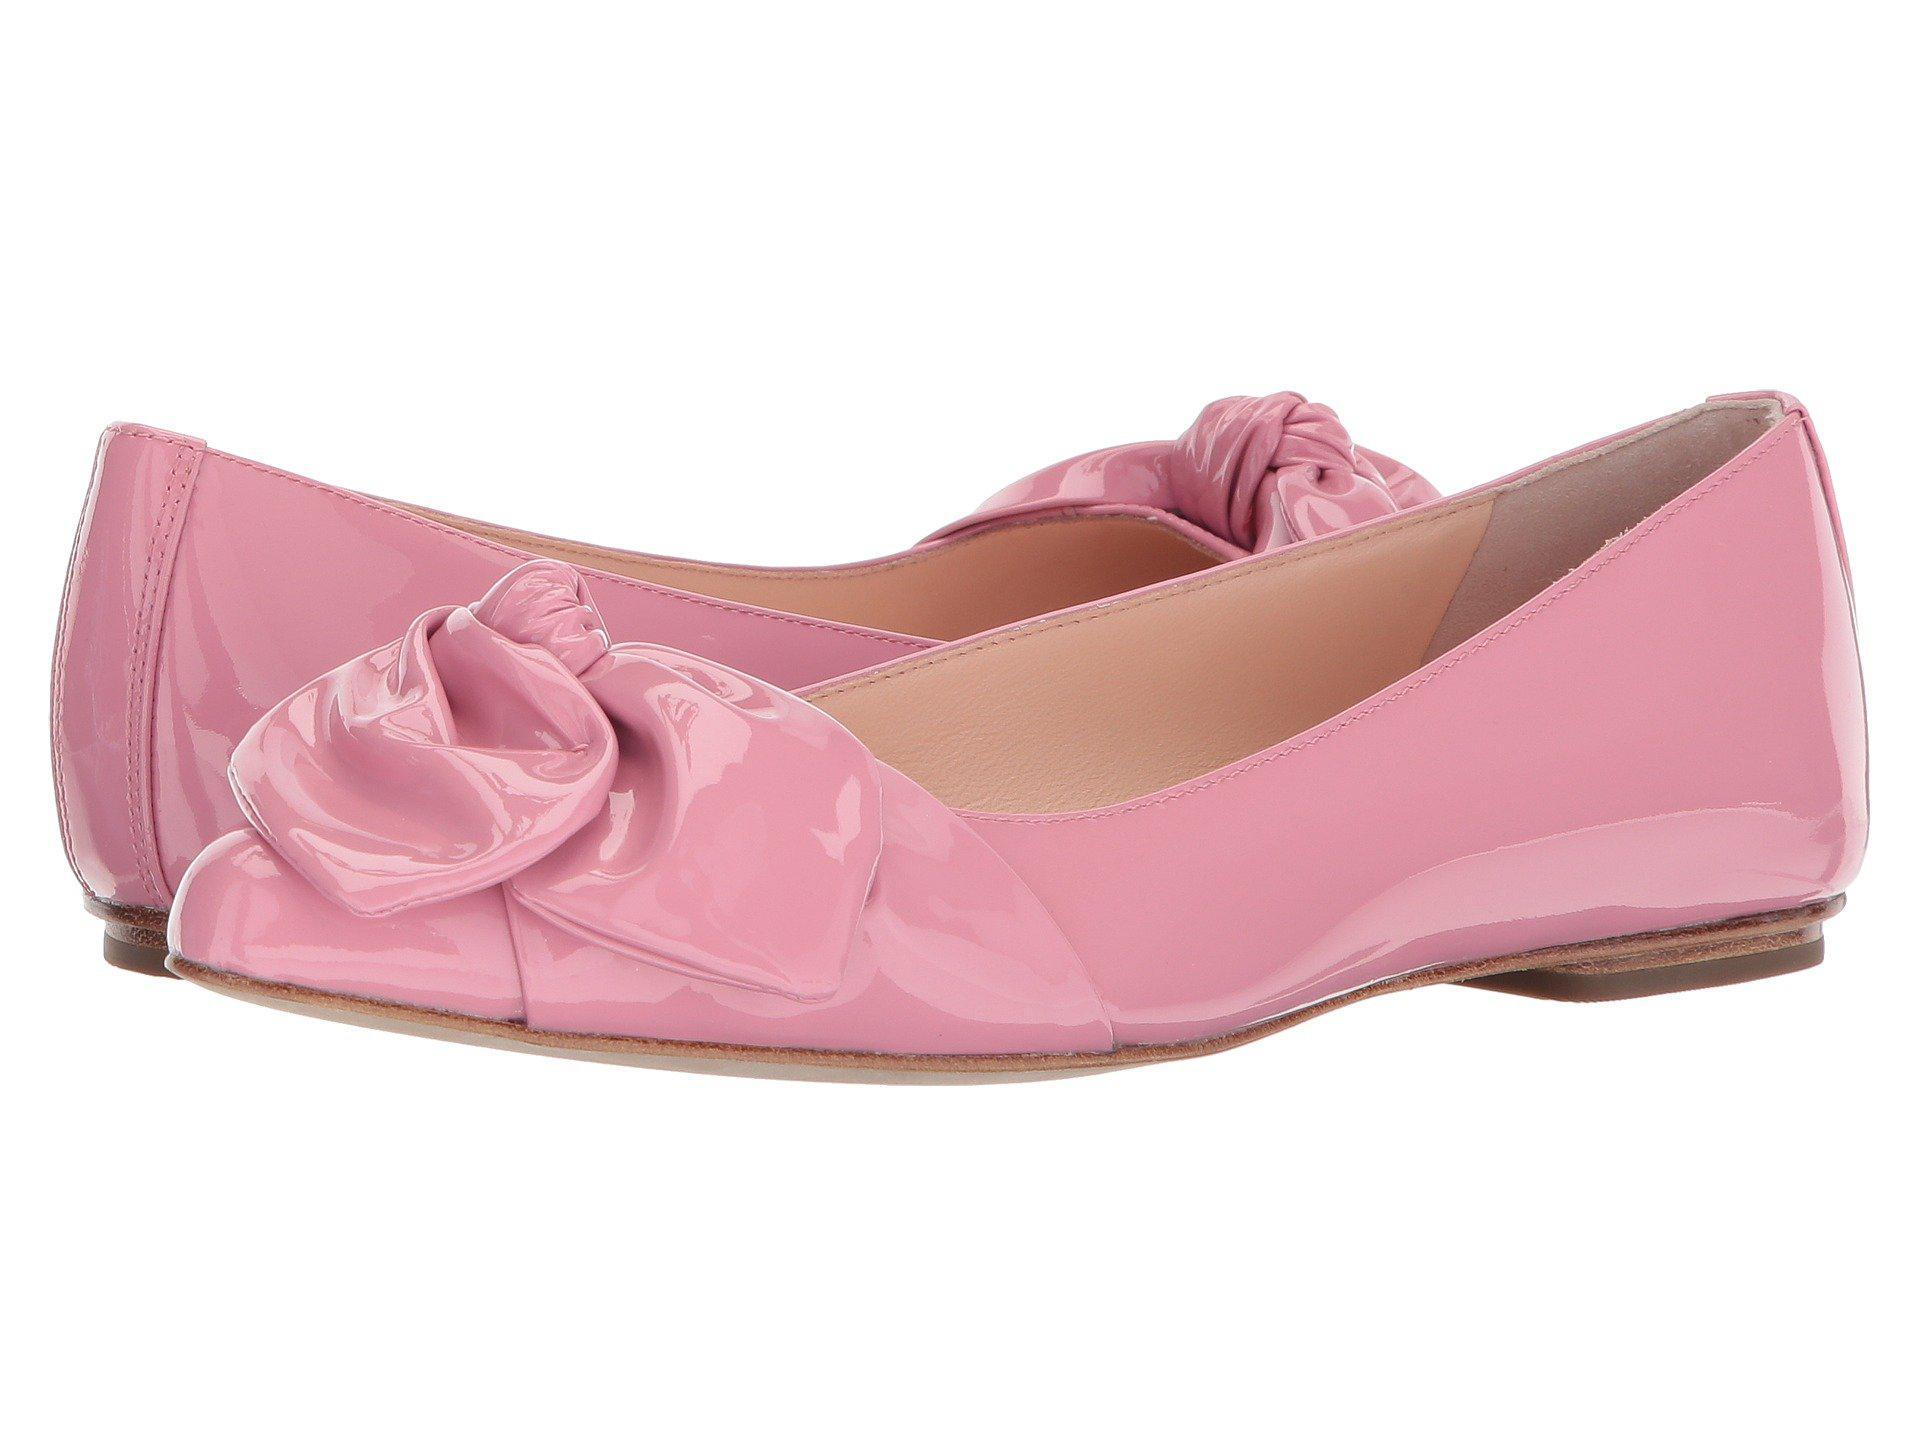 58764cdb8935 Lyst - Kate Spade Nancy in Pink